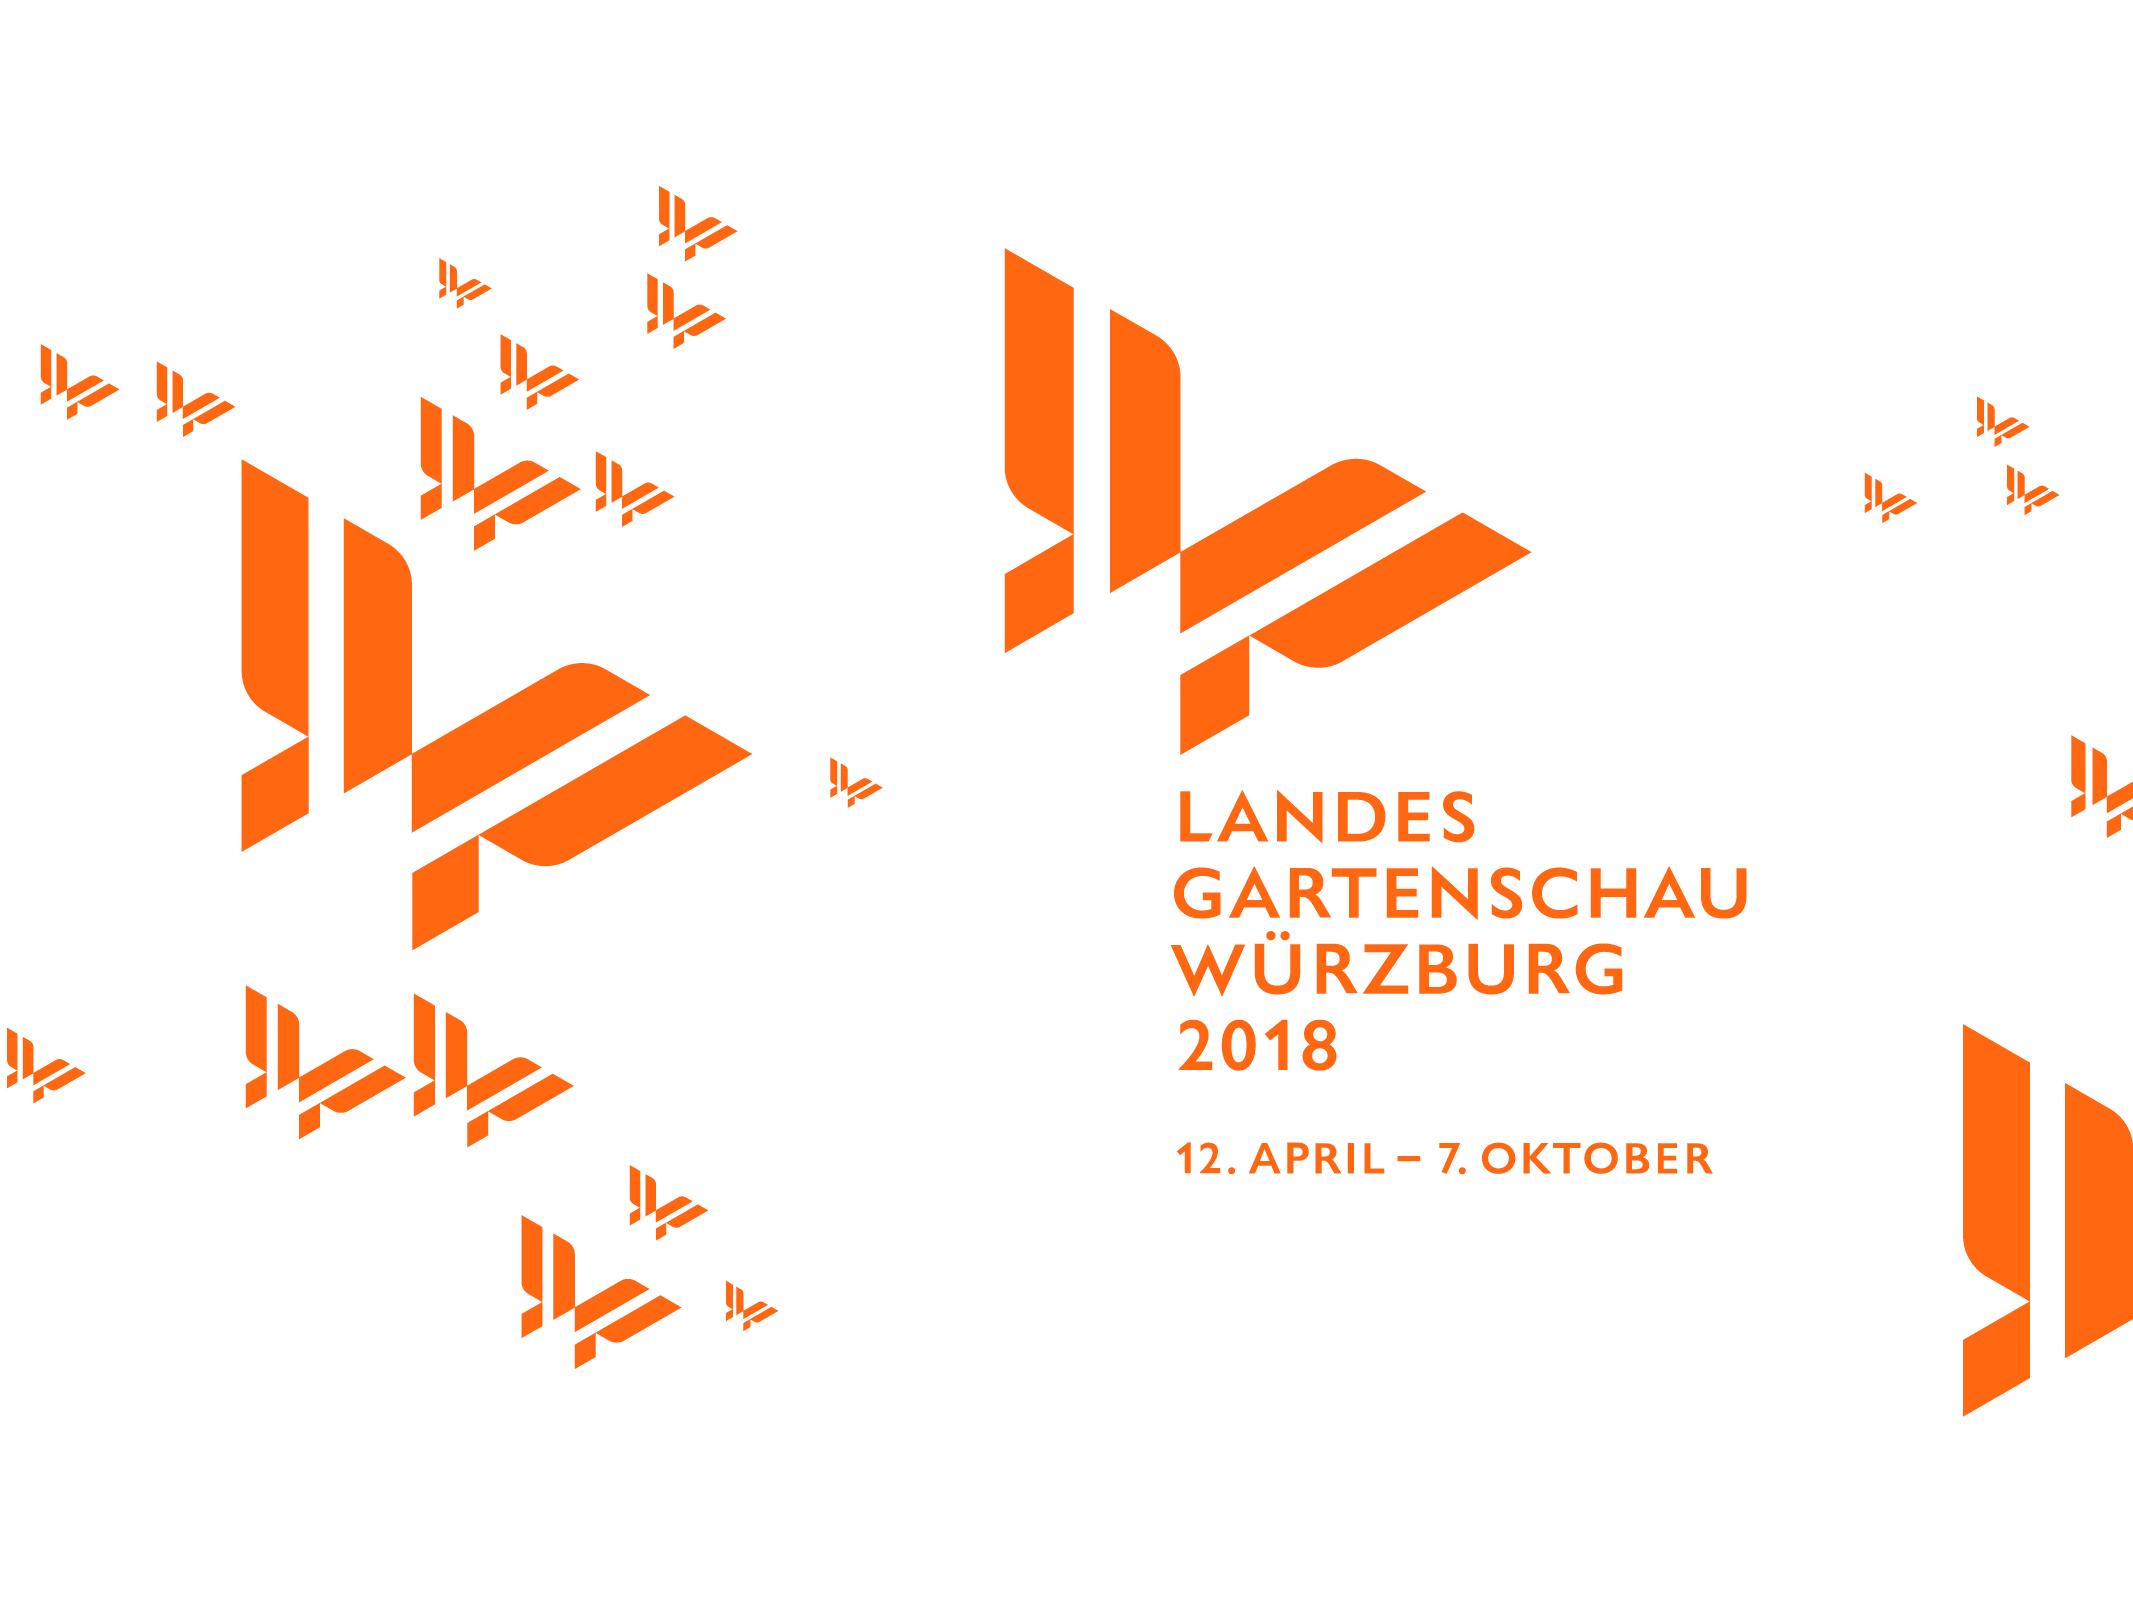 LGS Würzburg 2018